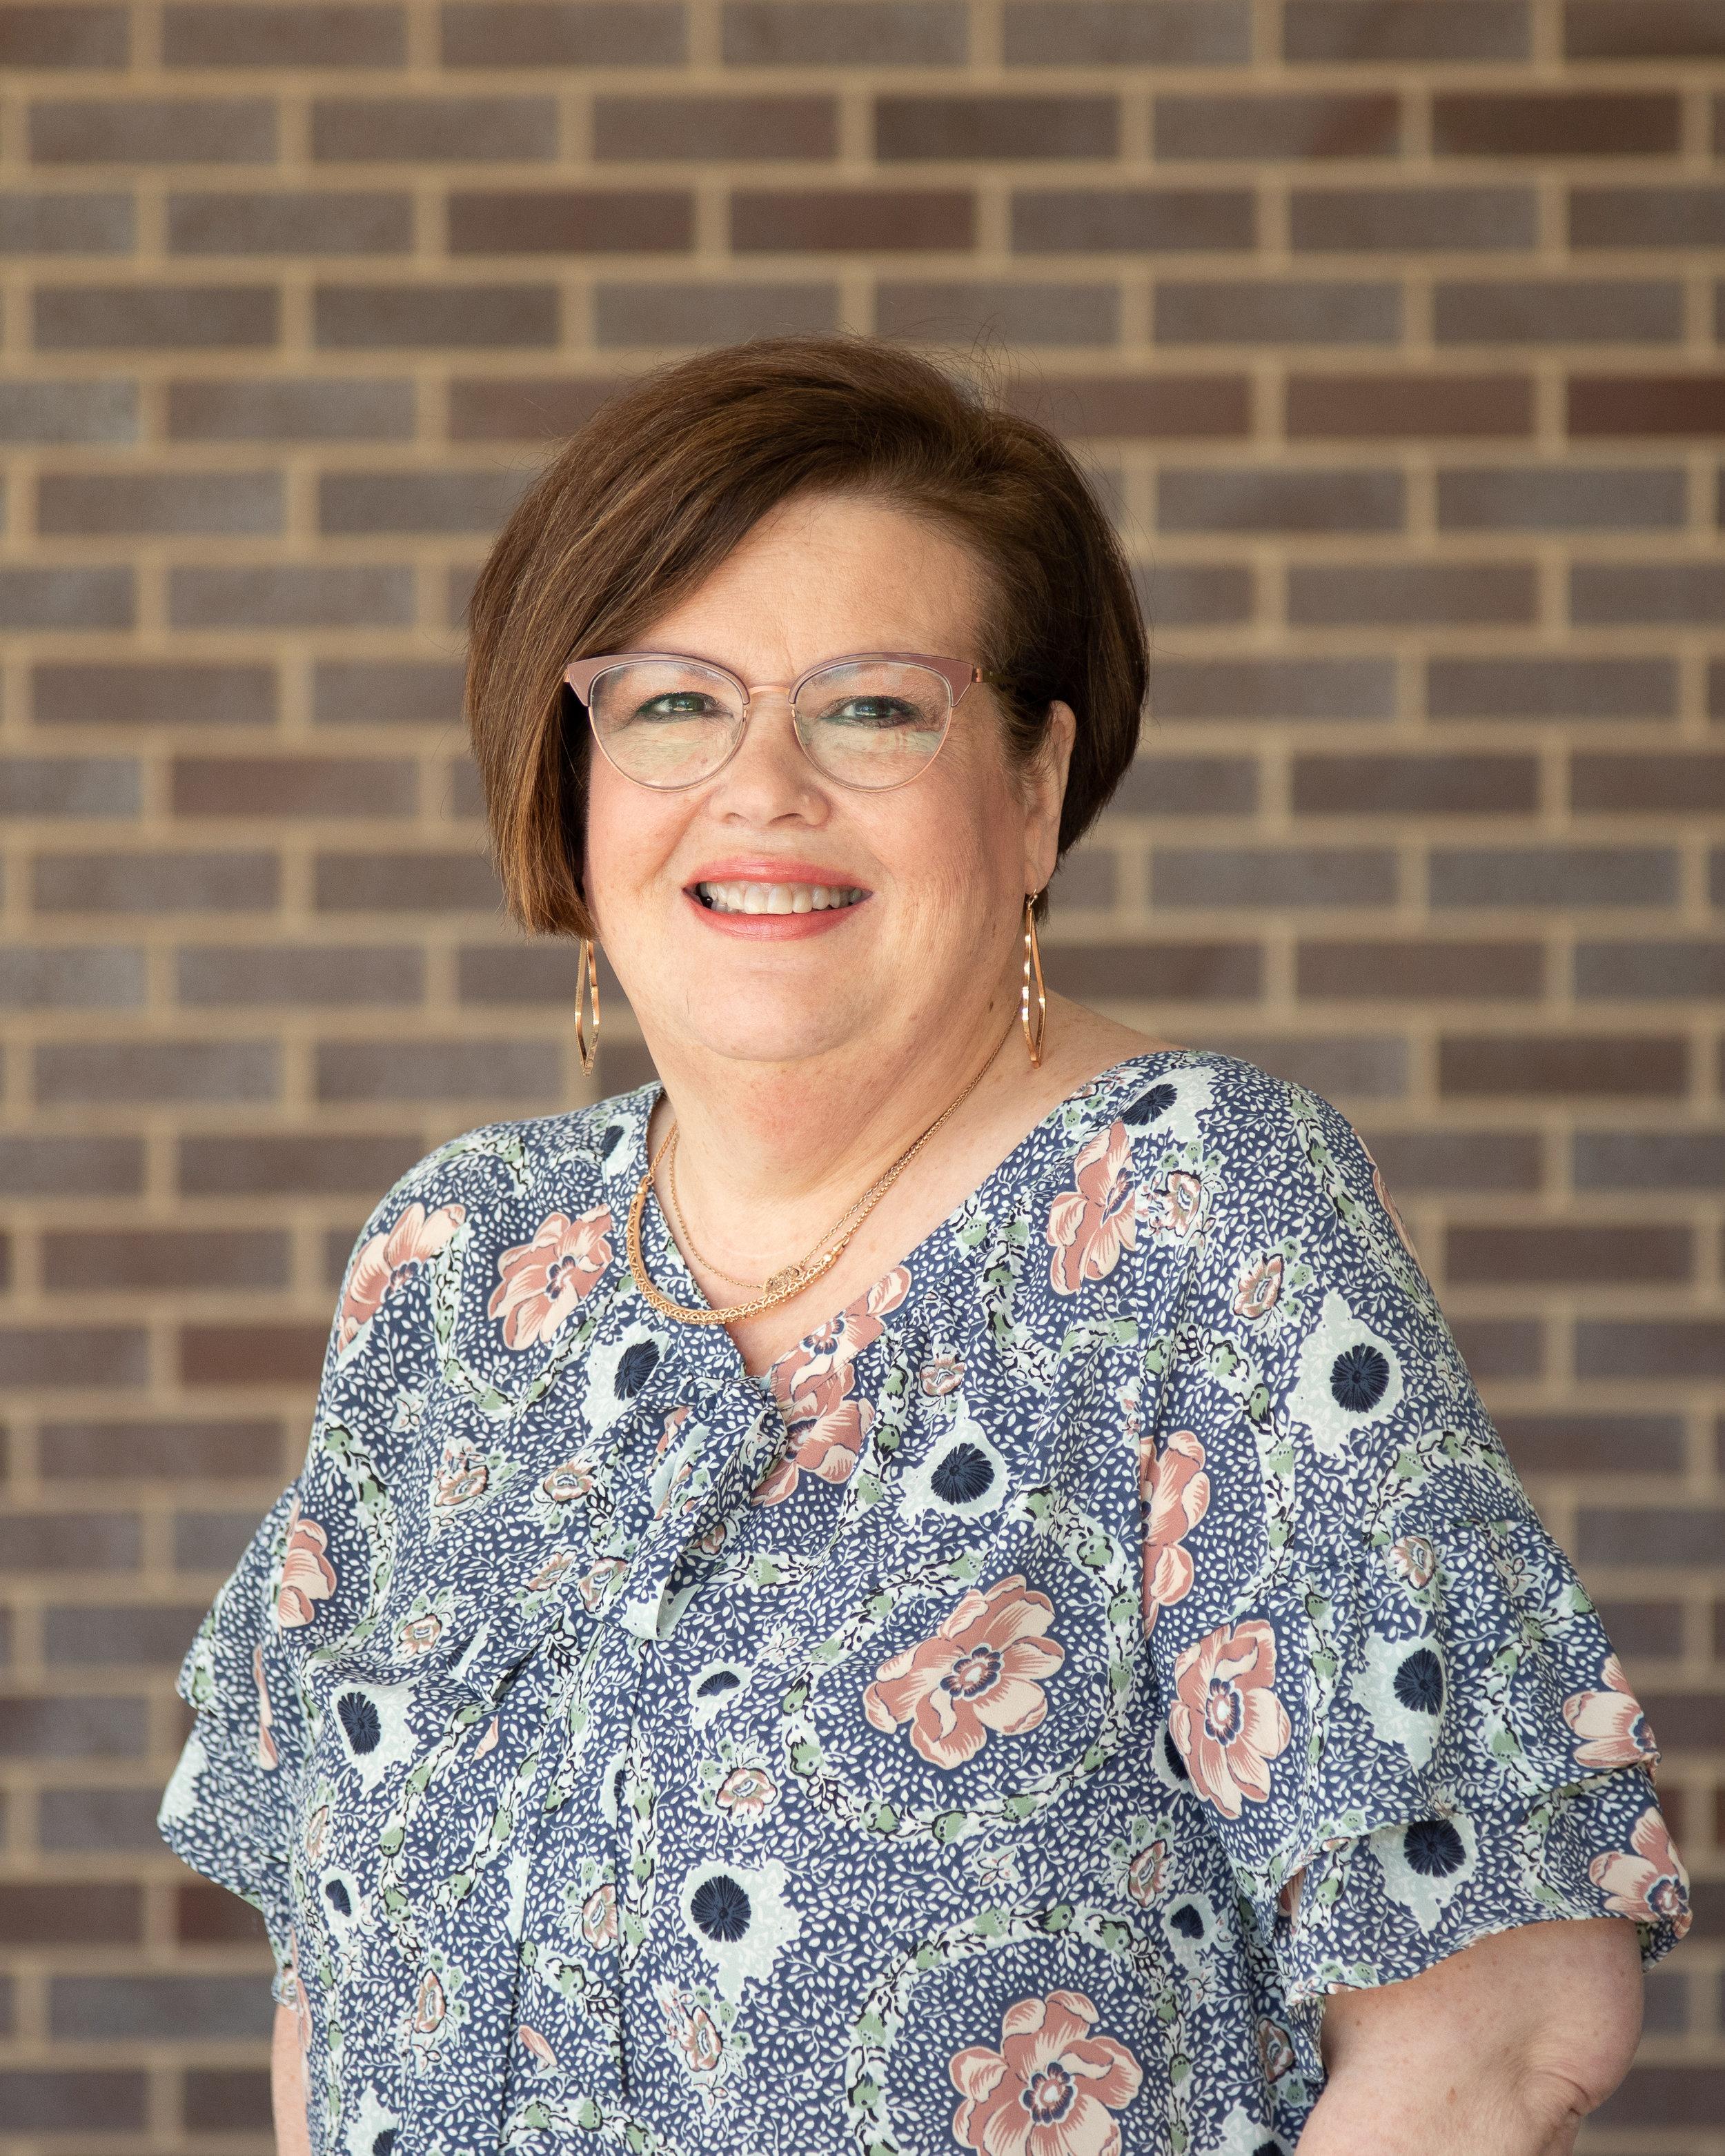 Karen GossettWorship Arts Administrator - Email: Karen@ArborlawnUMC.org